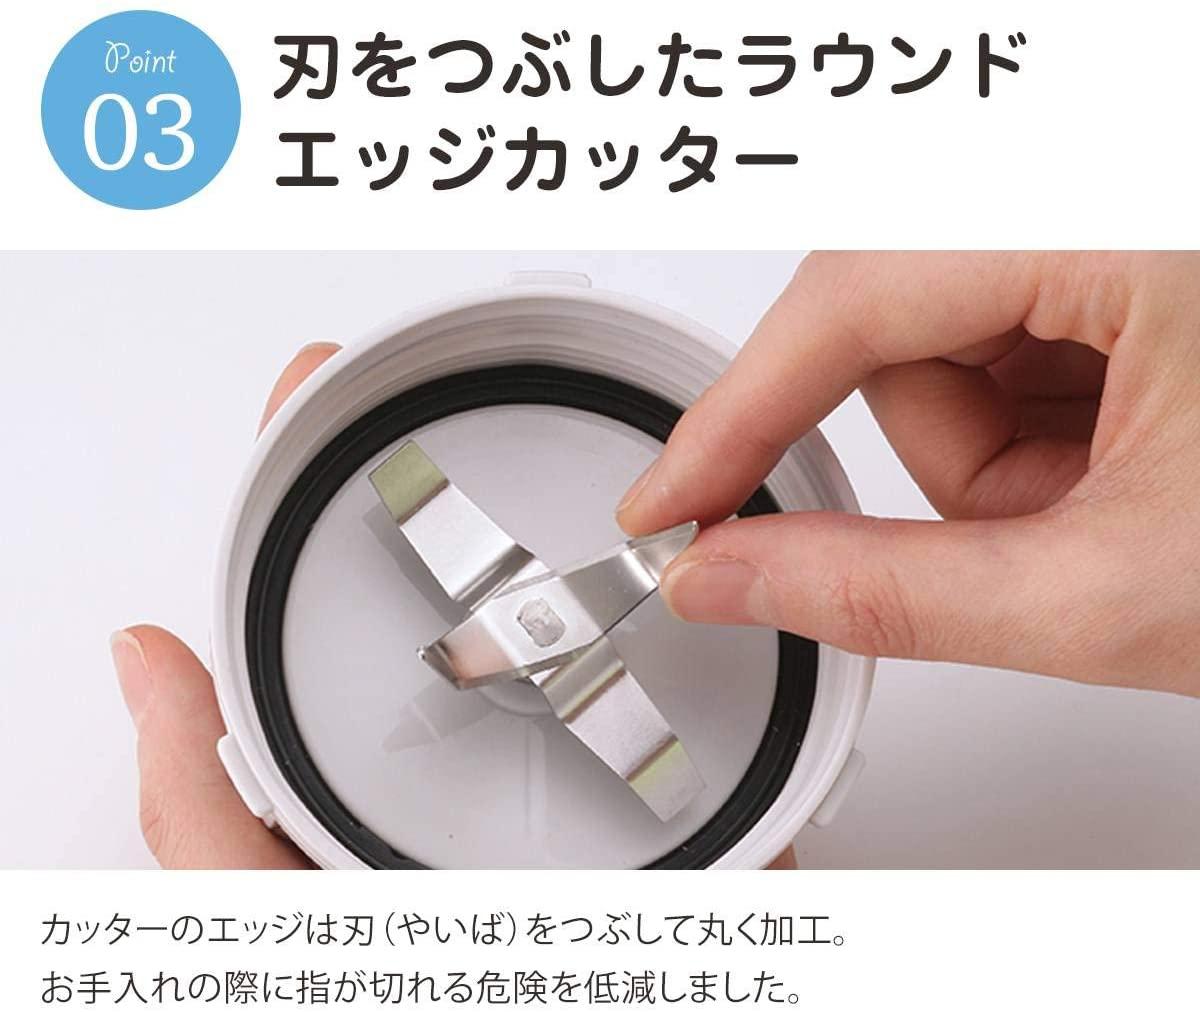 岩谷産業(Iwatani) クラッシュミルサー ブラック IFM-C20Gの商品画像5